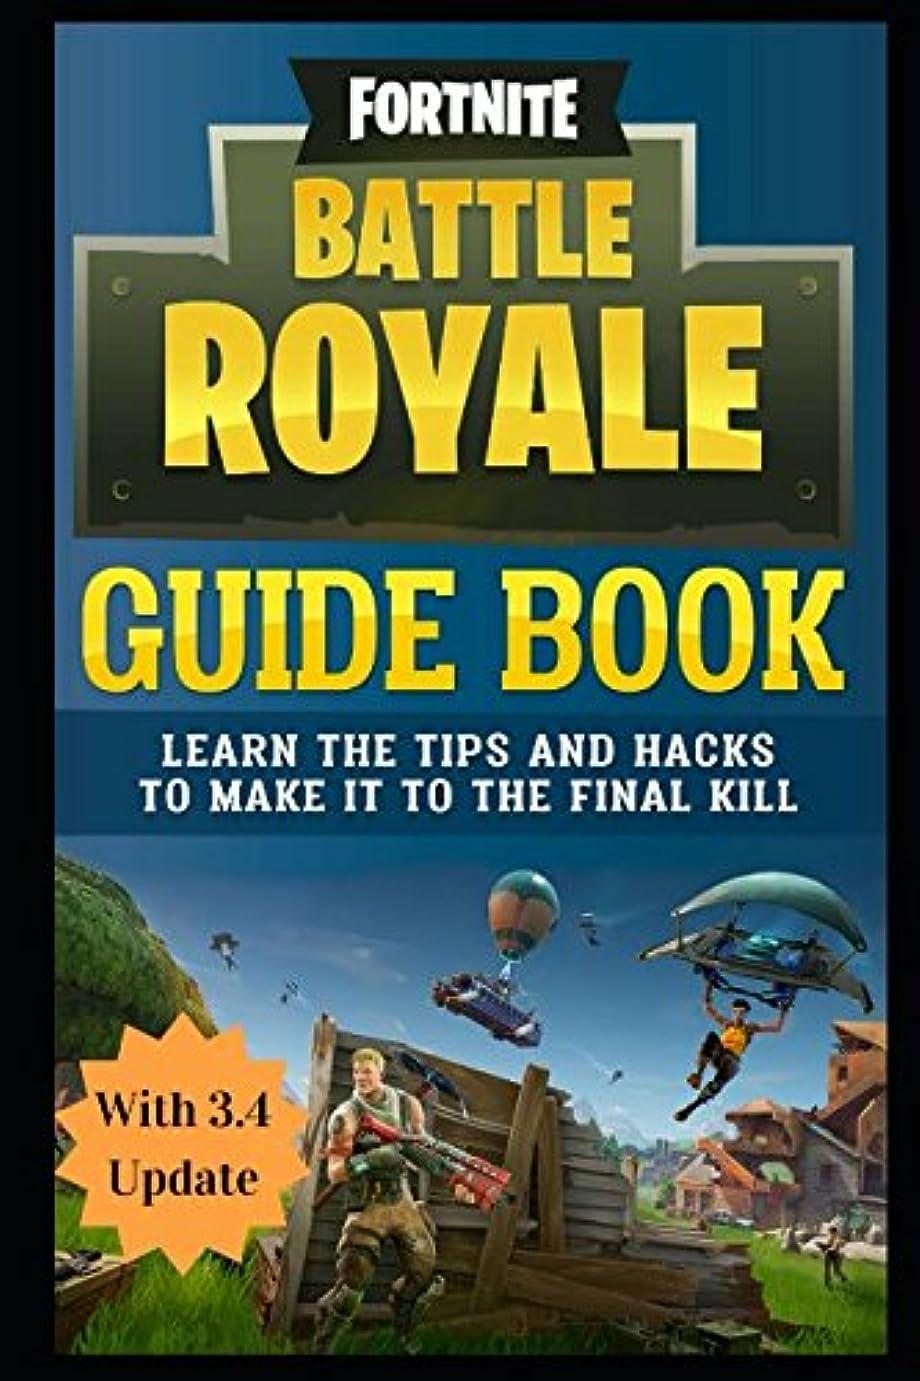 バルセロナクラック行為Fortnite Battle Royale Guide Book: Learn the Tips and Hacks to Make It To the Final Kill